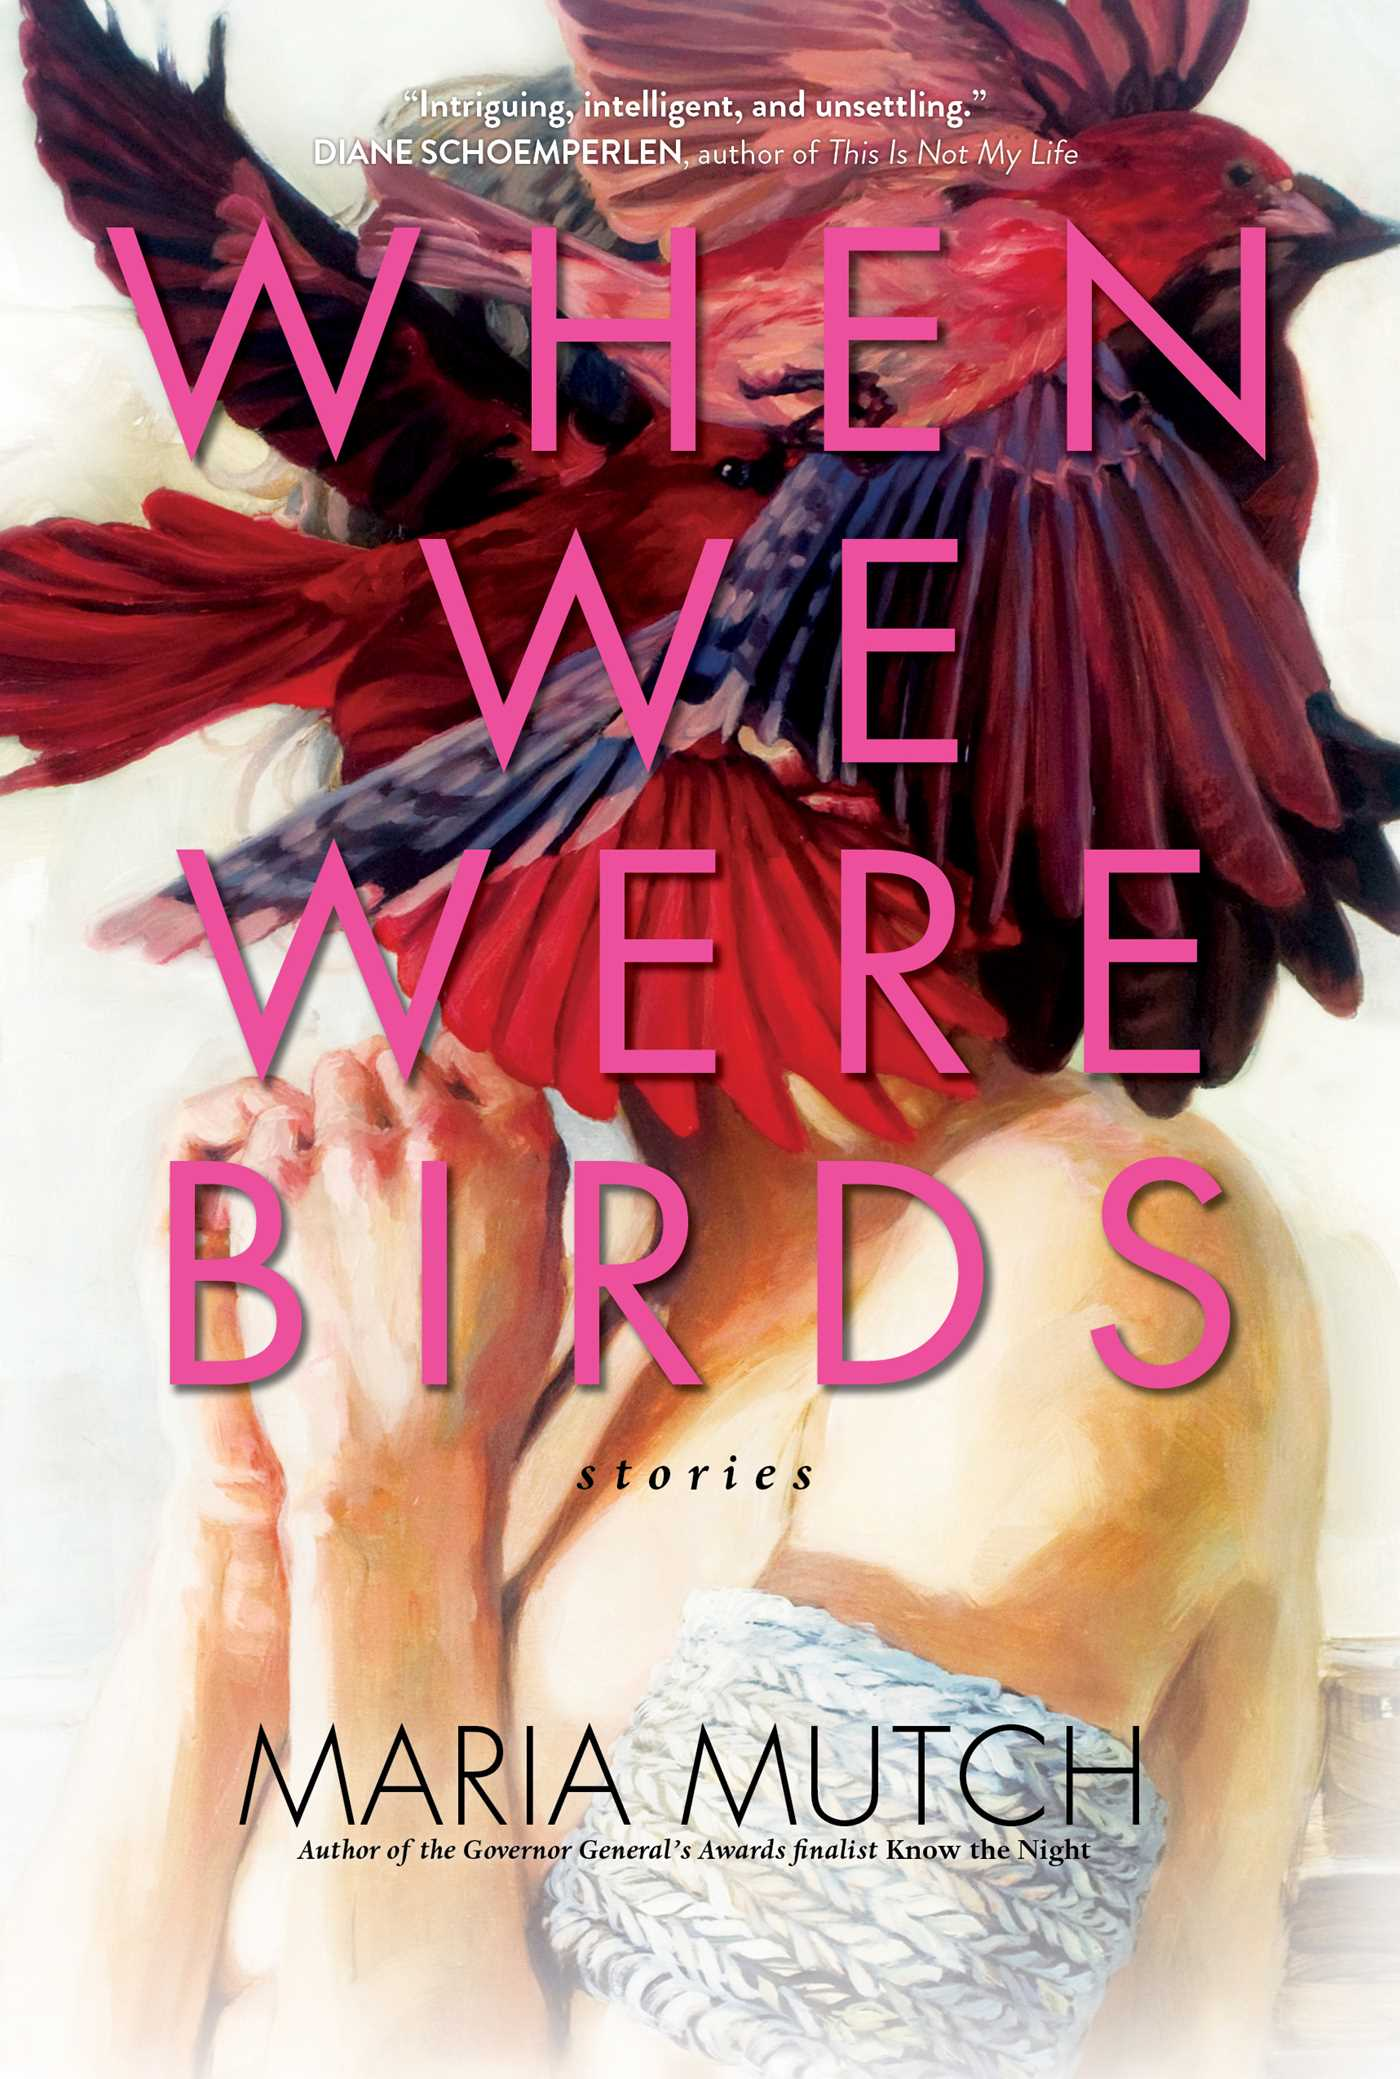 When we were birds 9781501182792 hr